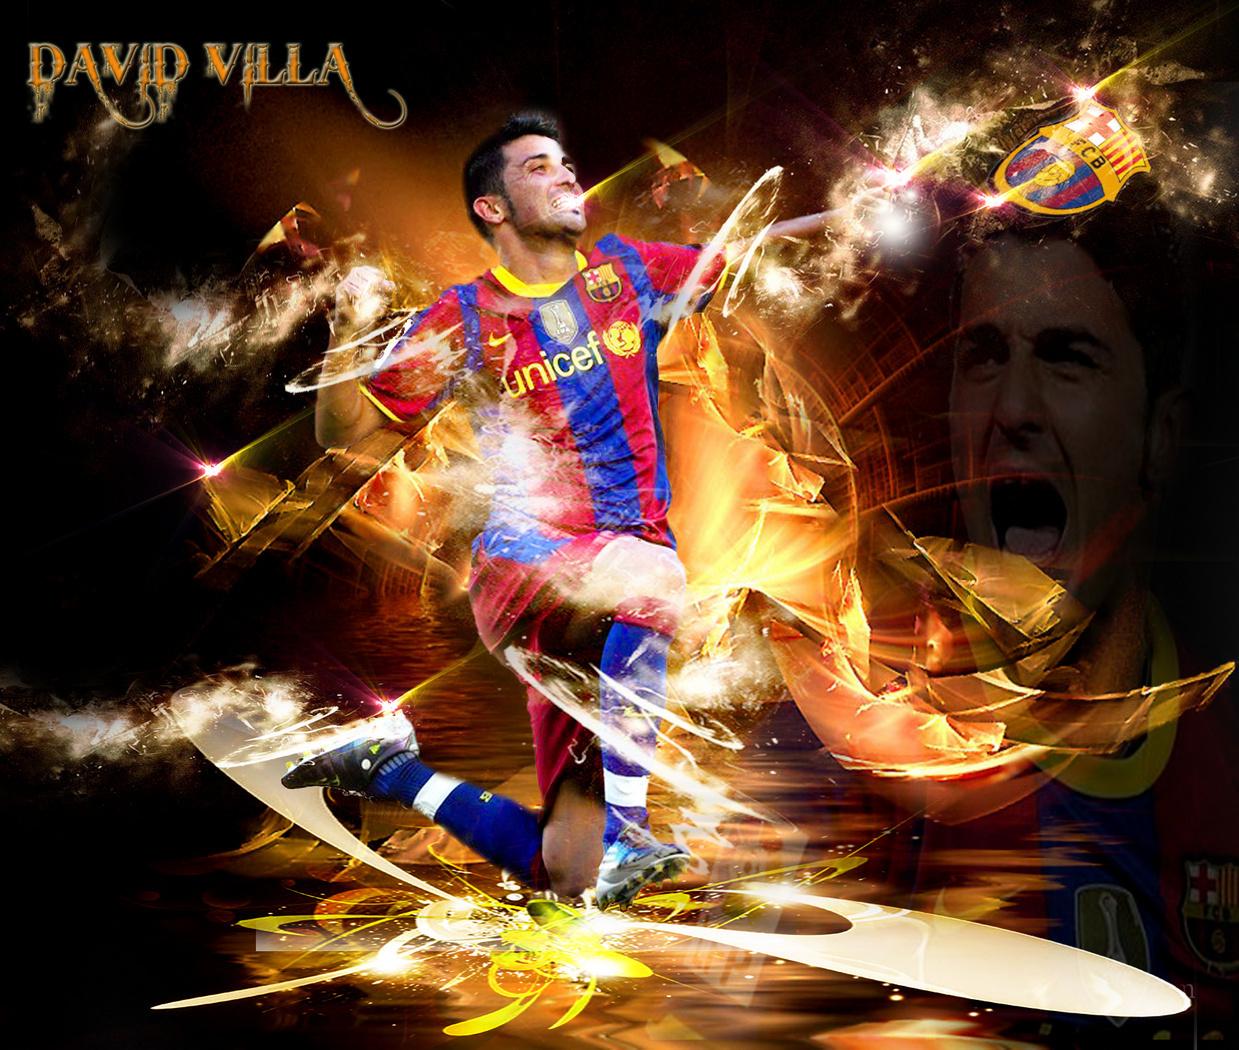 David Villa FC Barcelona Wallpaper   David Villa Fan Art 22594995 1239x1050